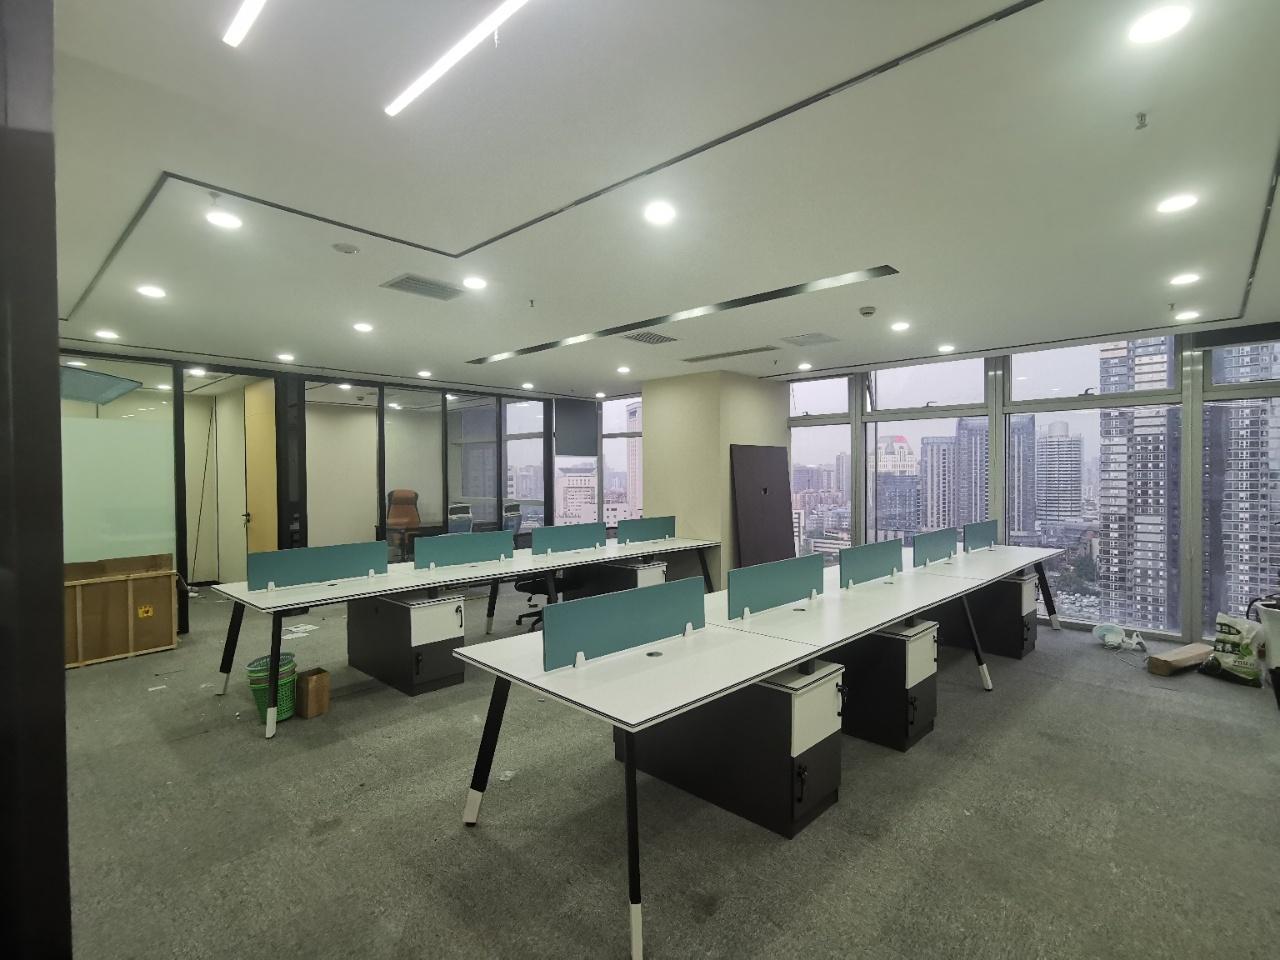 市中心 骡马市 现代精装纯写字楼 2隔间18工位 户型方正采光好